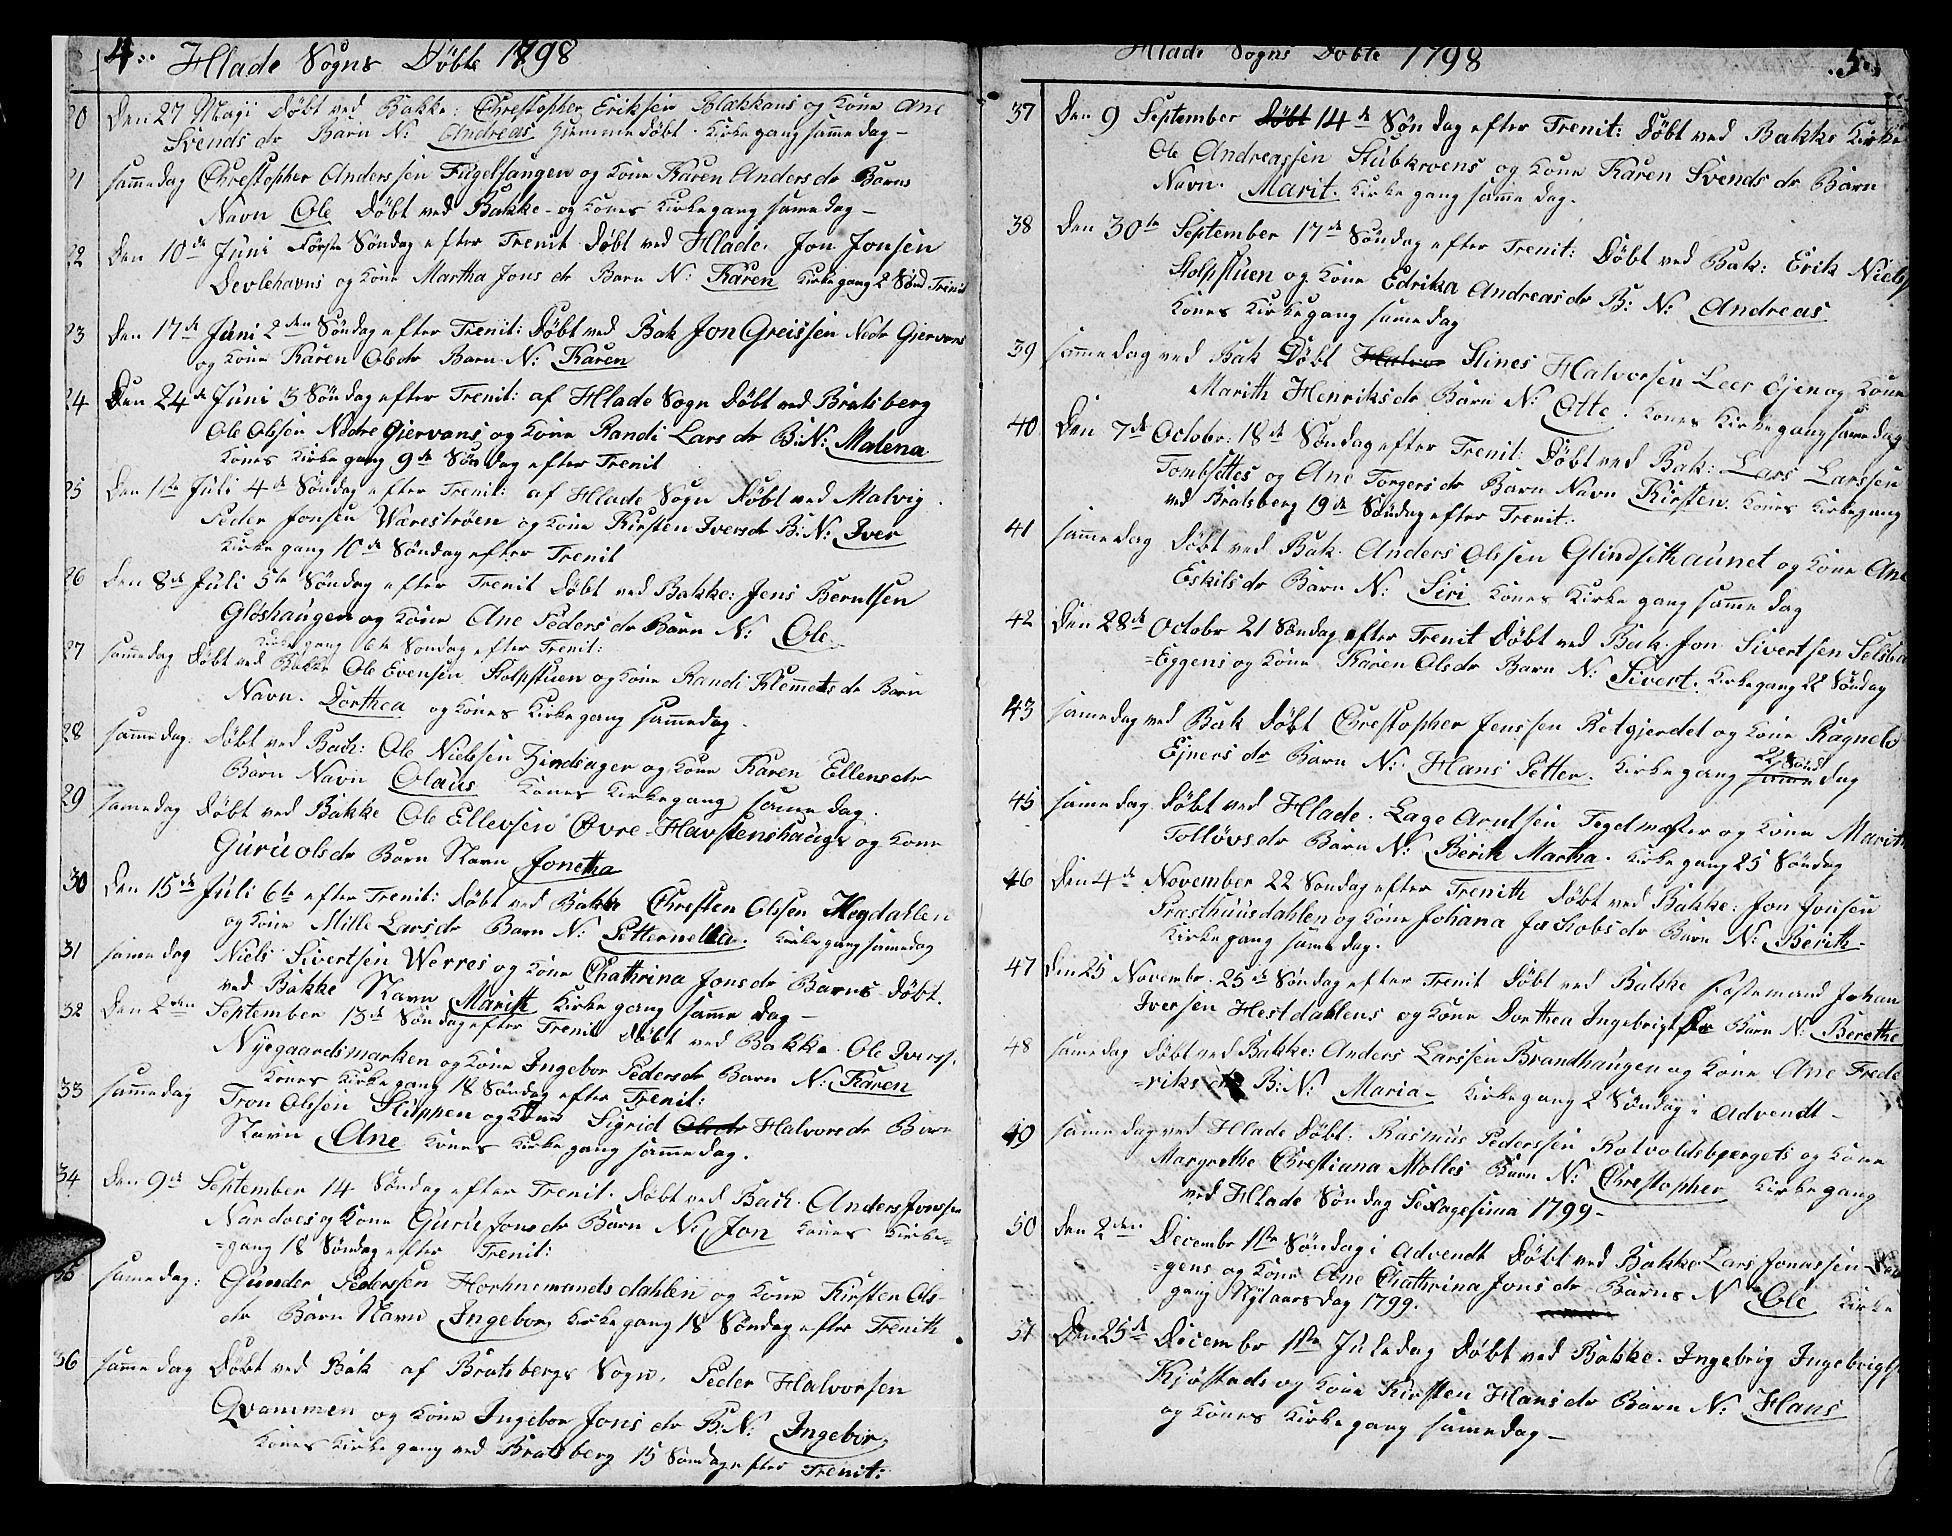 SAT, Ministerialprotokoller, klokkerbøker og fødselsregistre - Sør-Trøndelag, 606/L0306: Klokkerbok nr. 606C02, 1797-1829, s. 4-5